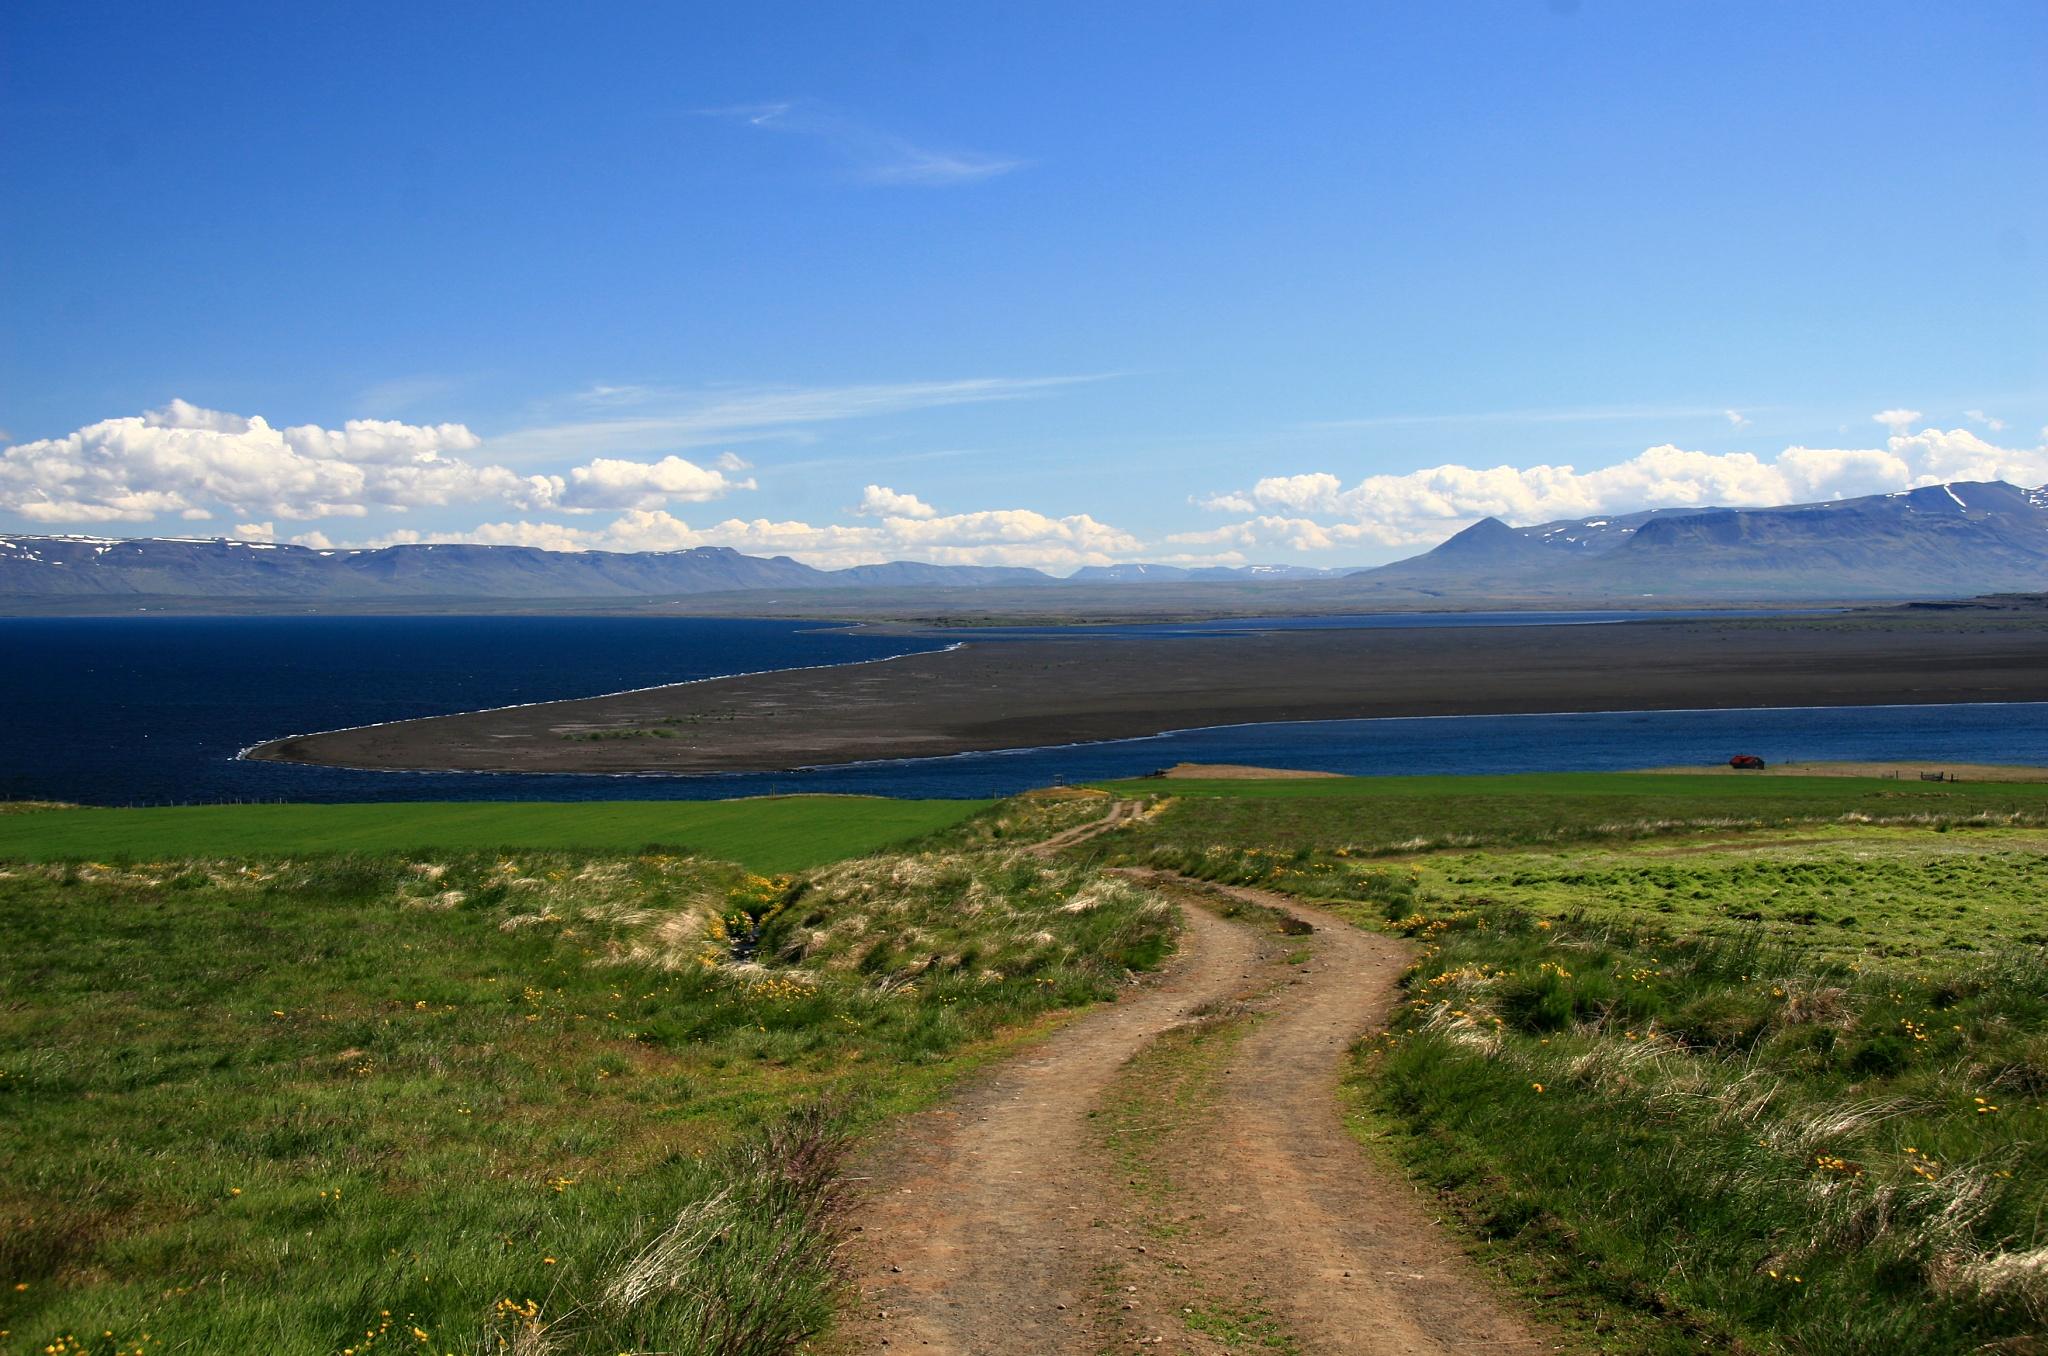 Cestička na pobřeží, odkud snad uvidíme tuleně